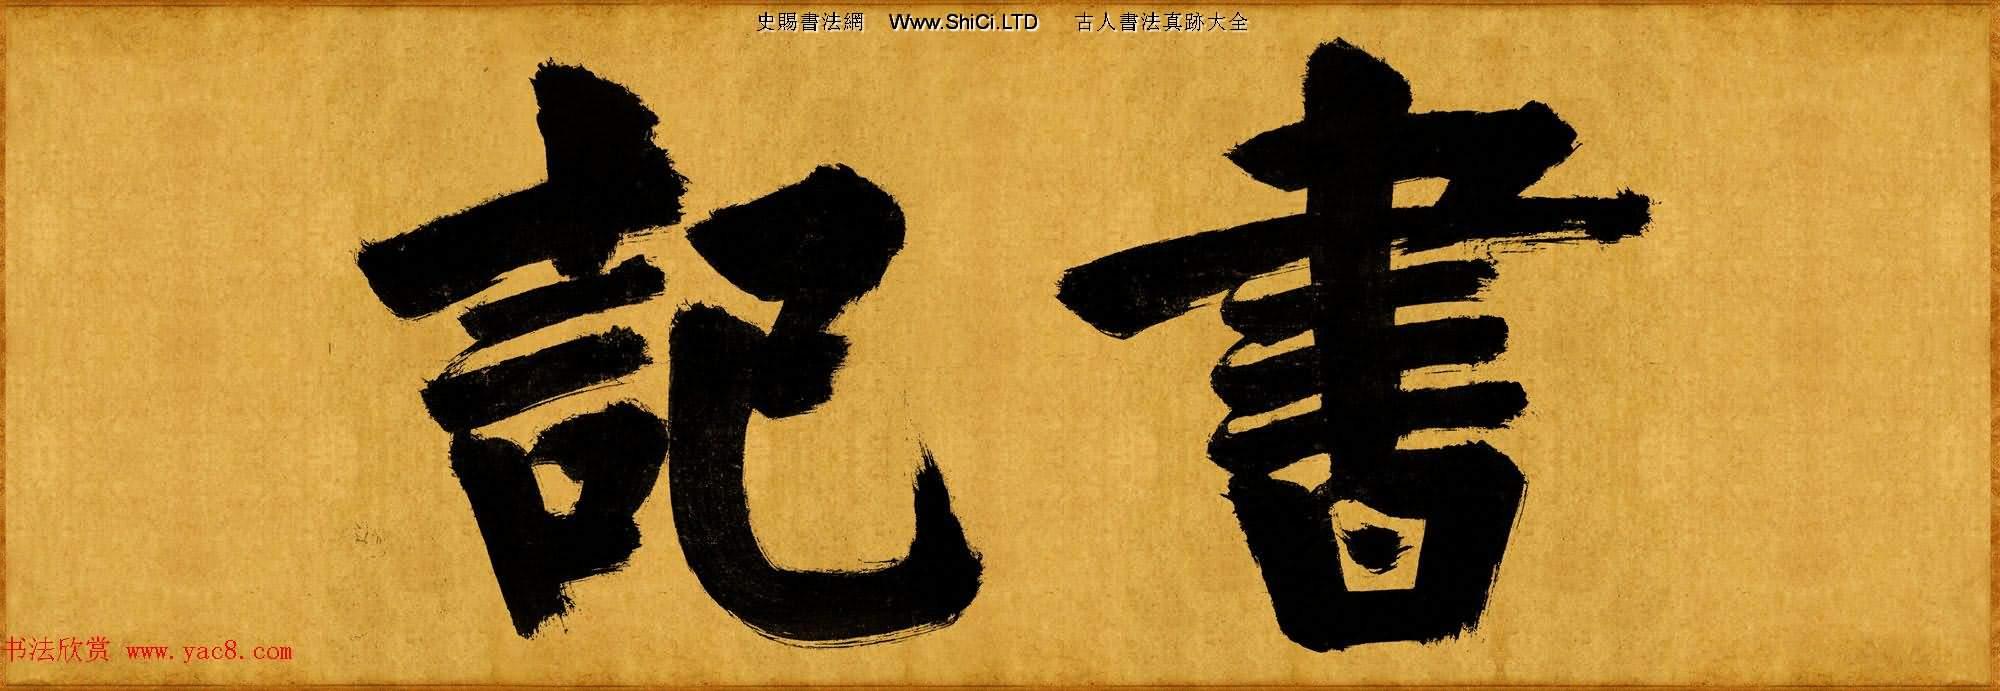 張即之榜書真跡欣賞《大德名帖東福寺匾額題字》(共5張圖片)